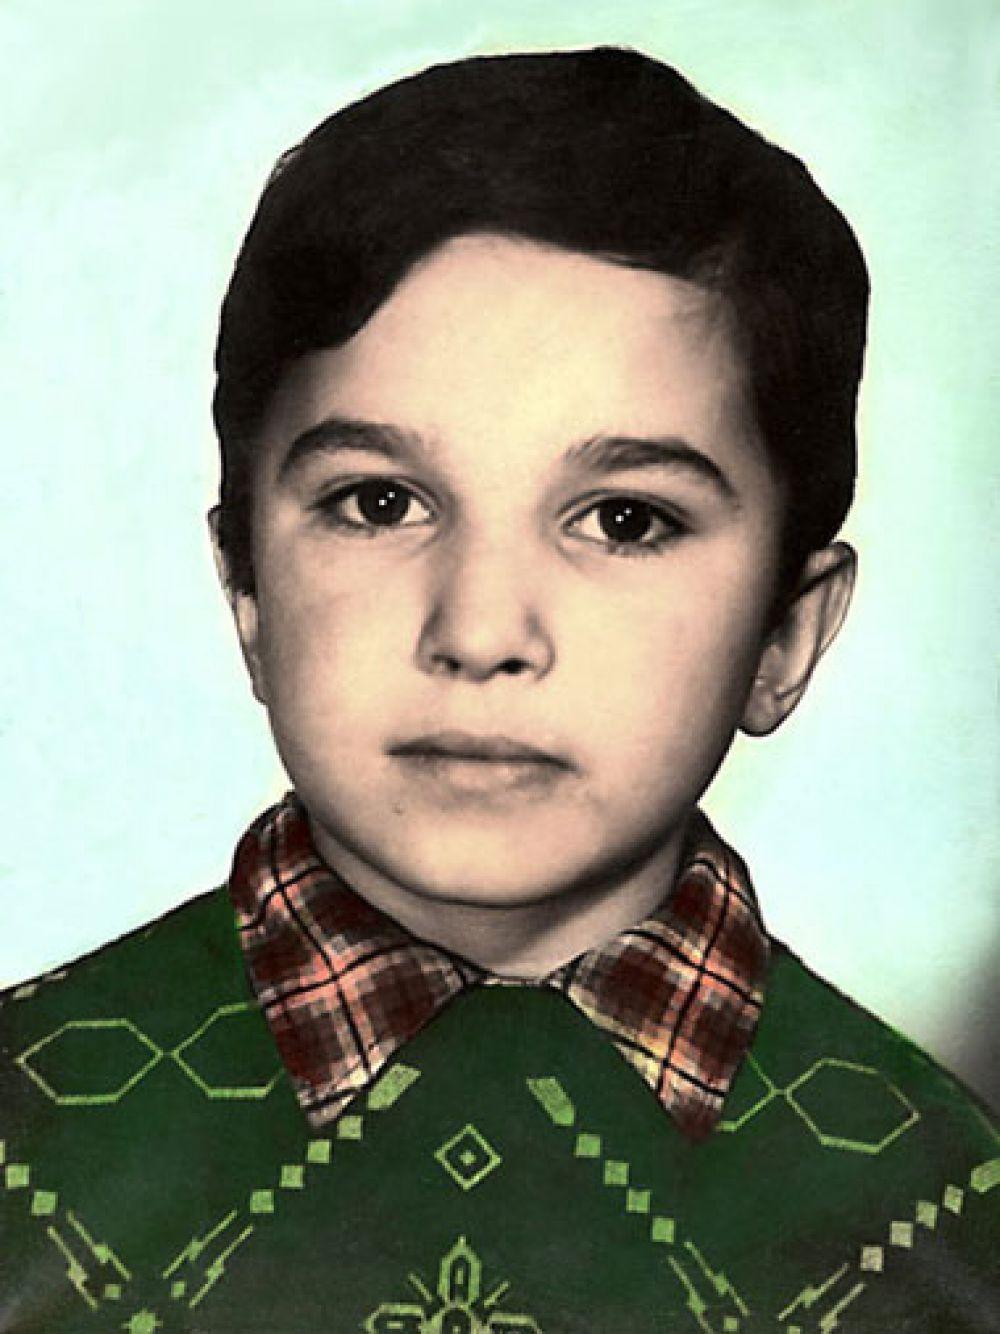 Виктор Павлик, 8 лет